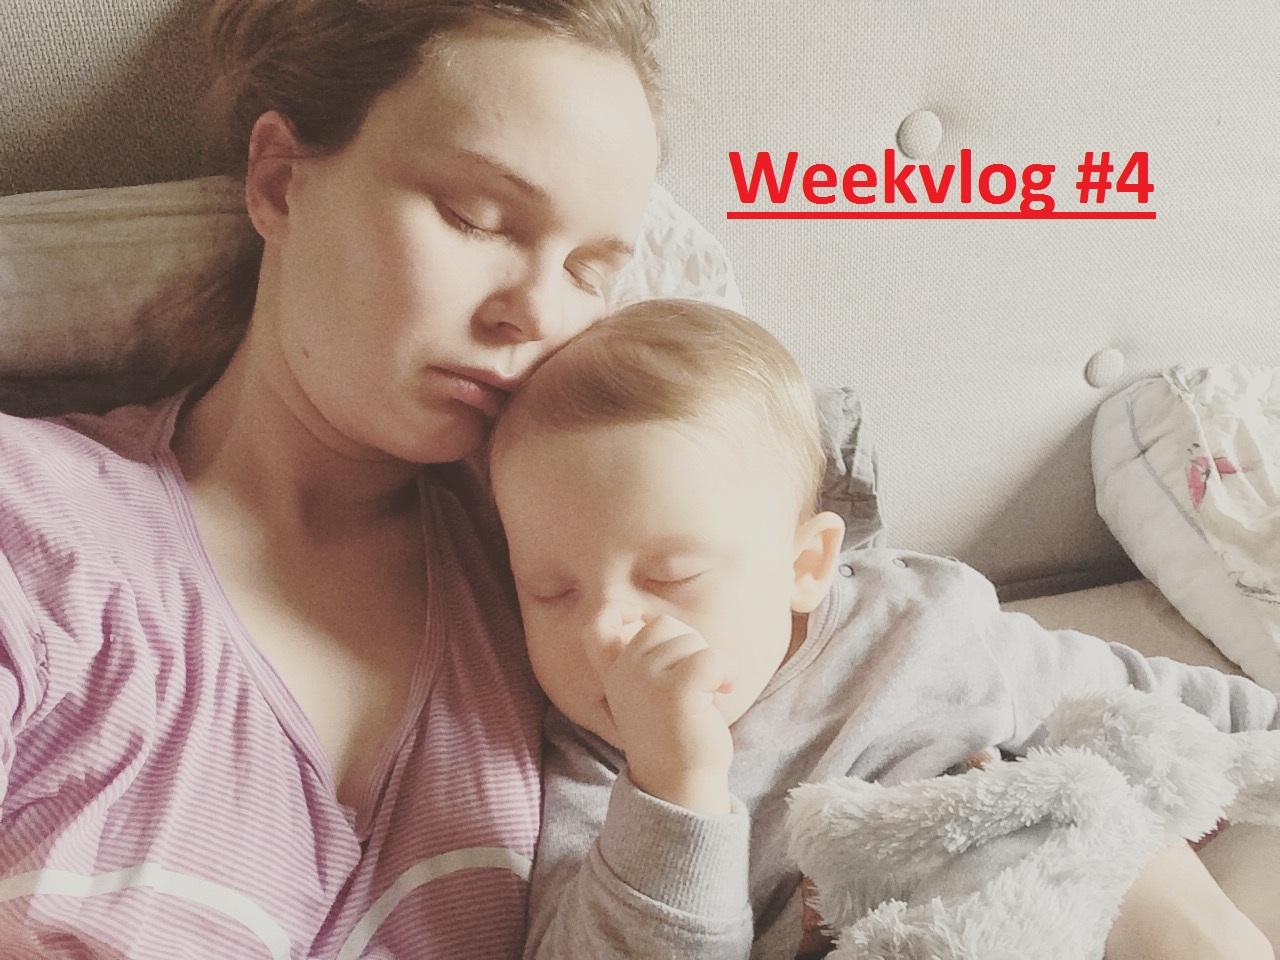 IMG 3654 - Weekvlog #4: Amsterdam en Kommer & Kwel